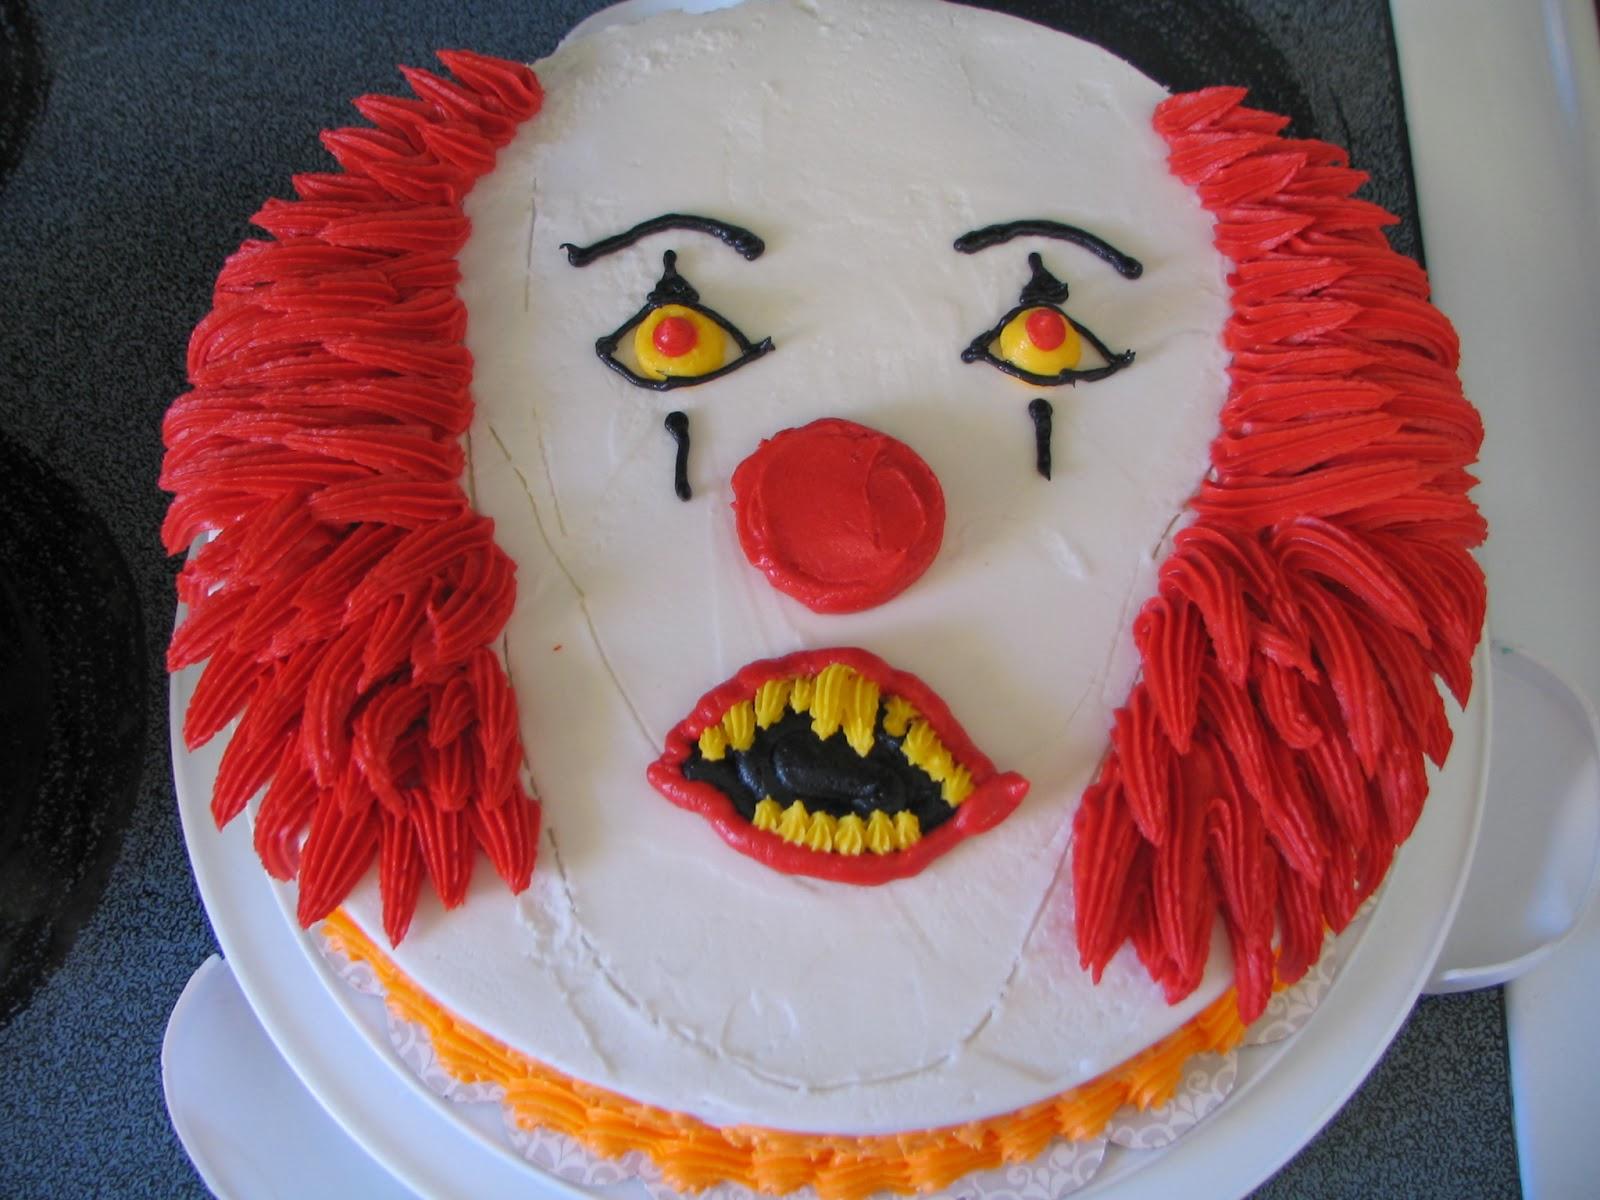 How To Make A Killer Clown Cake